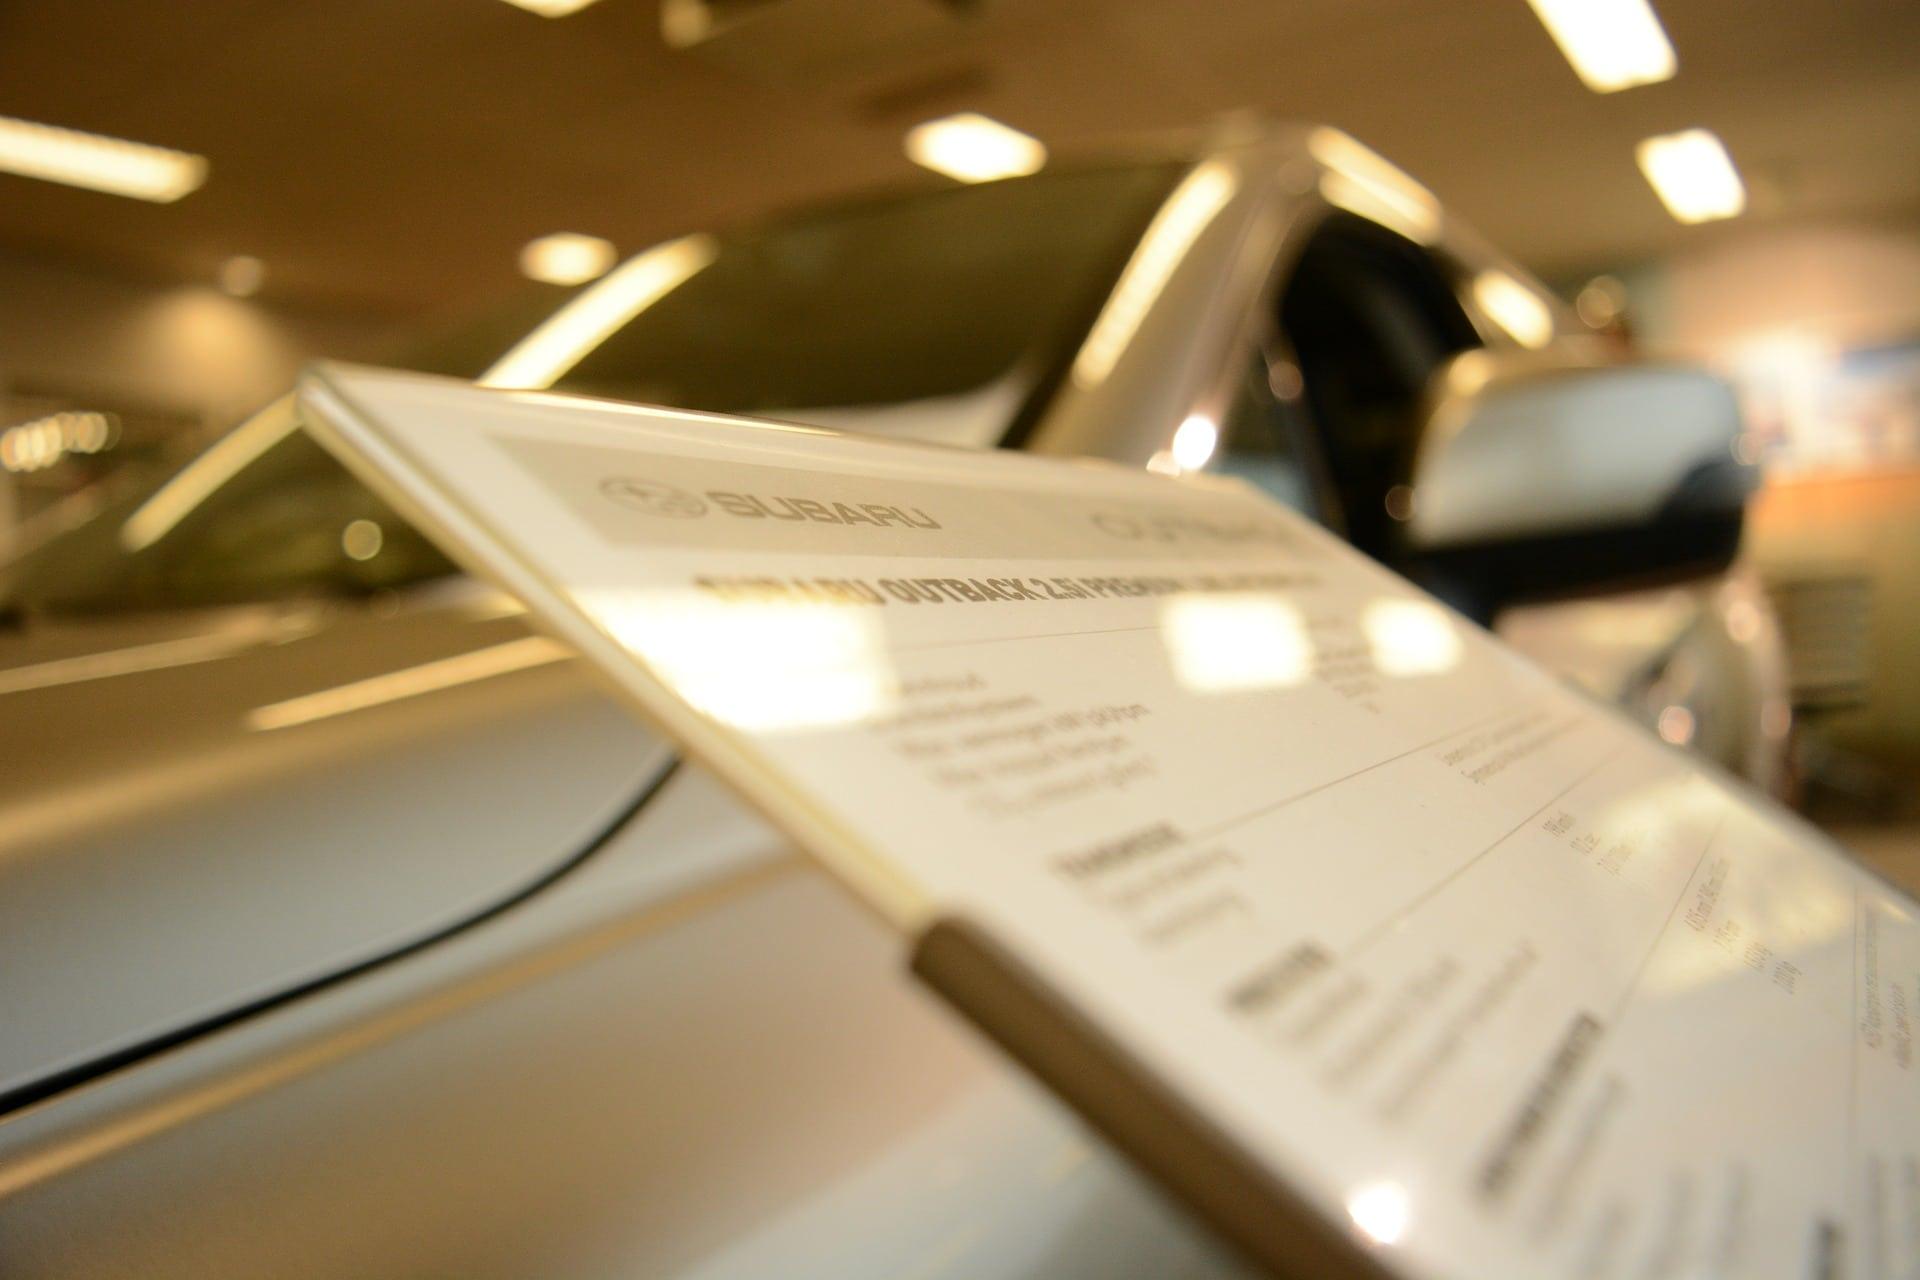 صورة اشهر موقع شراء و بيع سيارات في المانيا يقدم تطبيق بيع السيارات